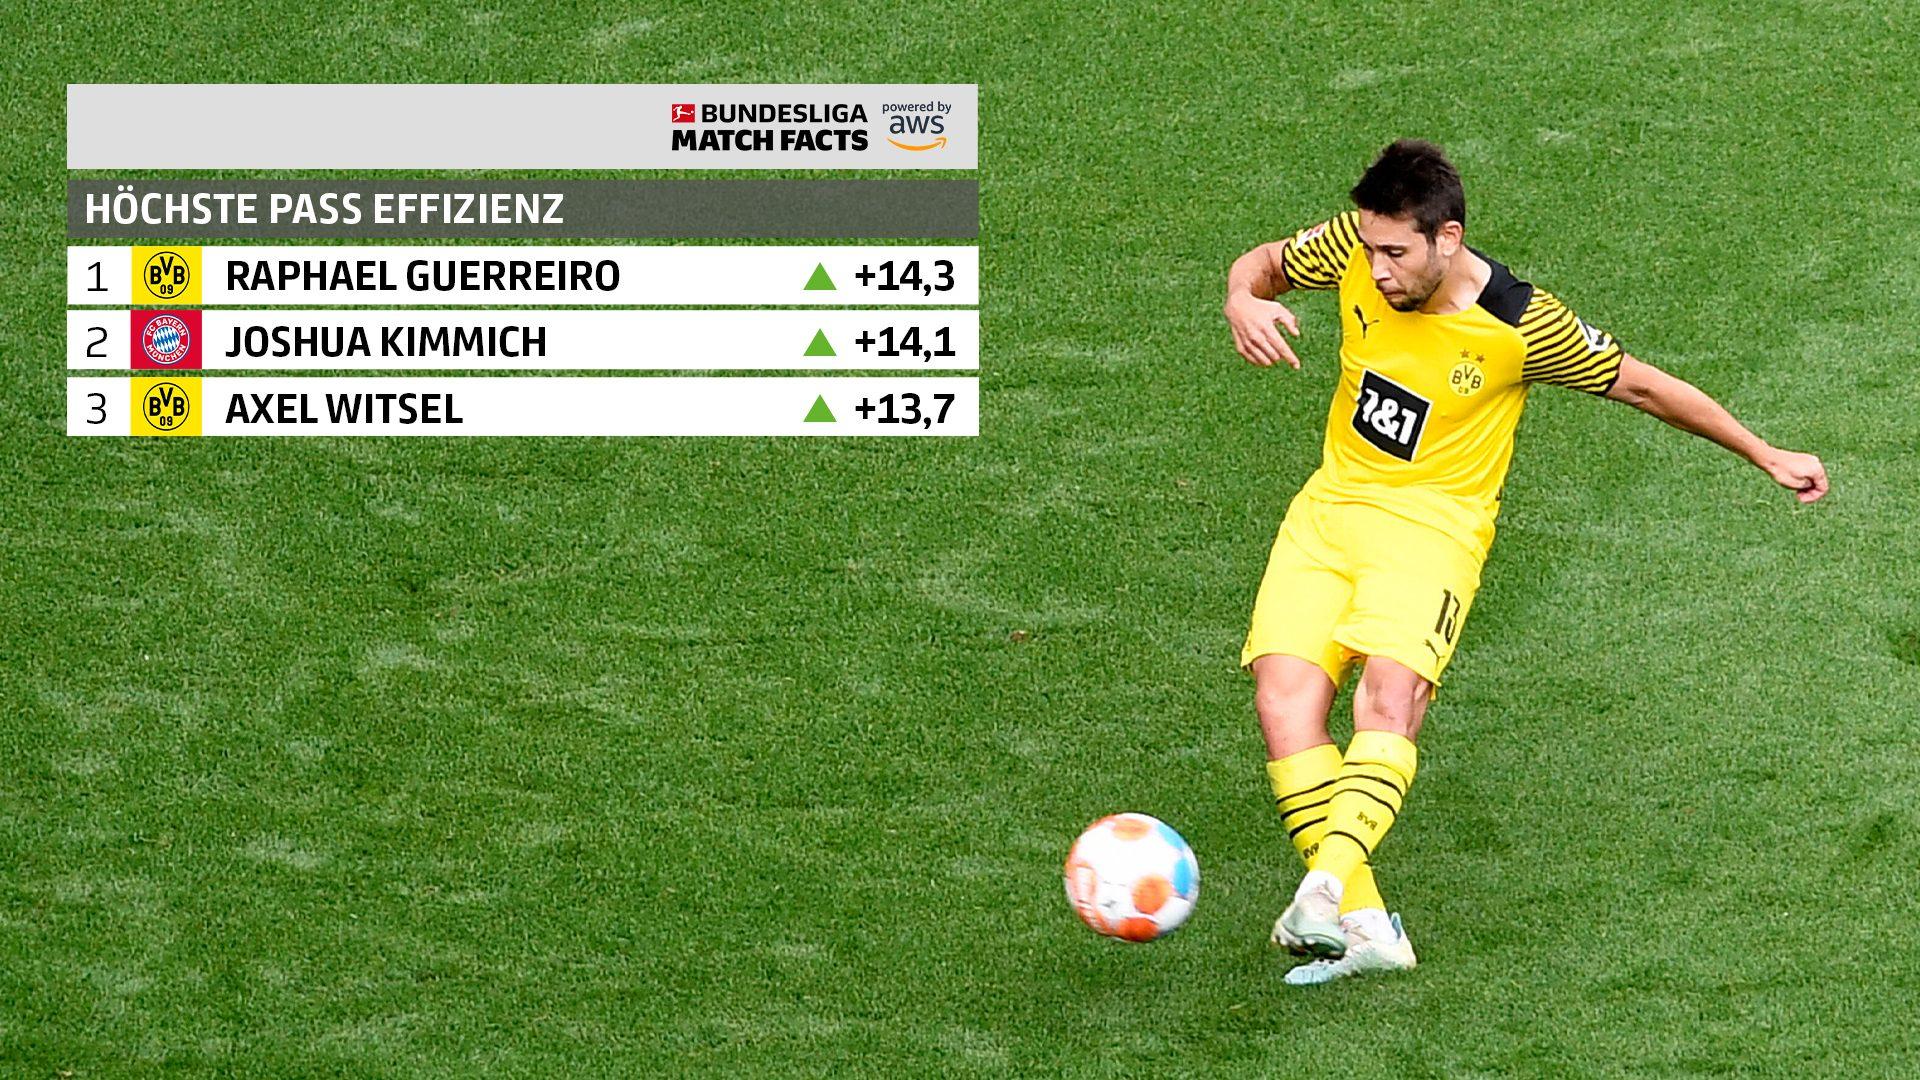 Bundesliga Match Facts: Diese Stars stechen heraus